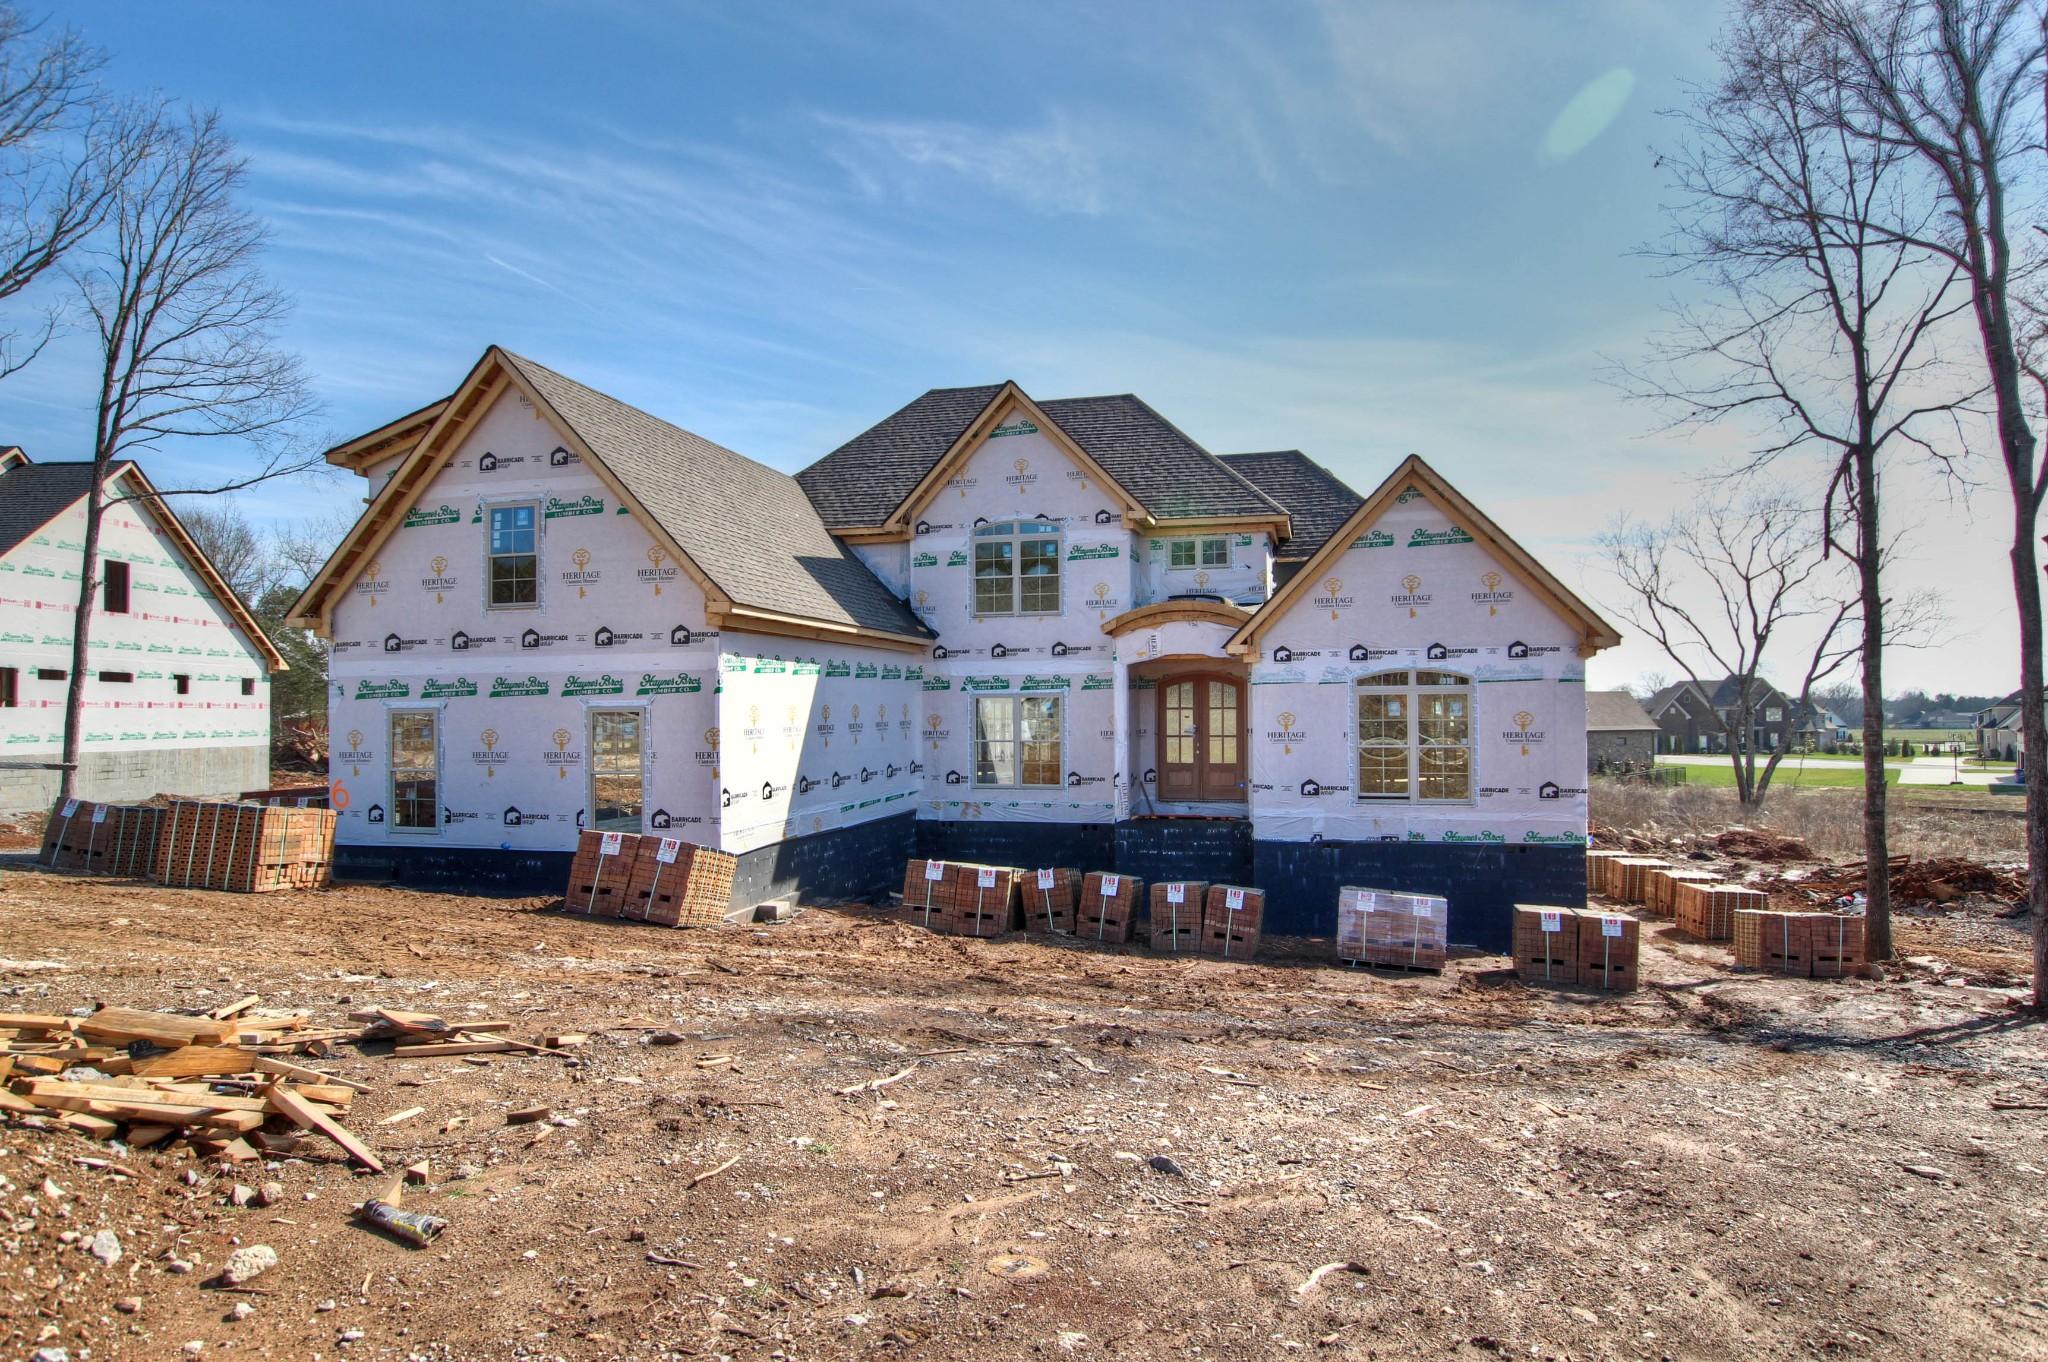 128 Seclusion Ct.- #6, Murfreesboro, TN 37129 - Murfreesboro, TN real estate listing